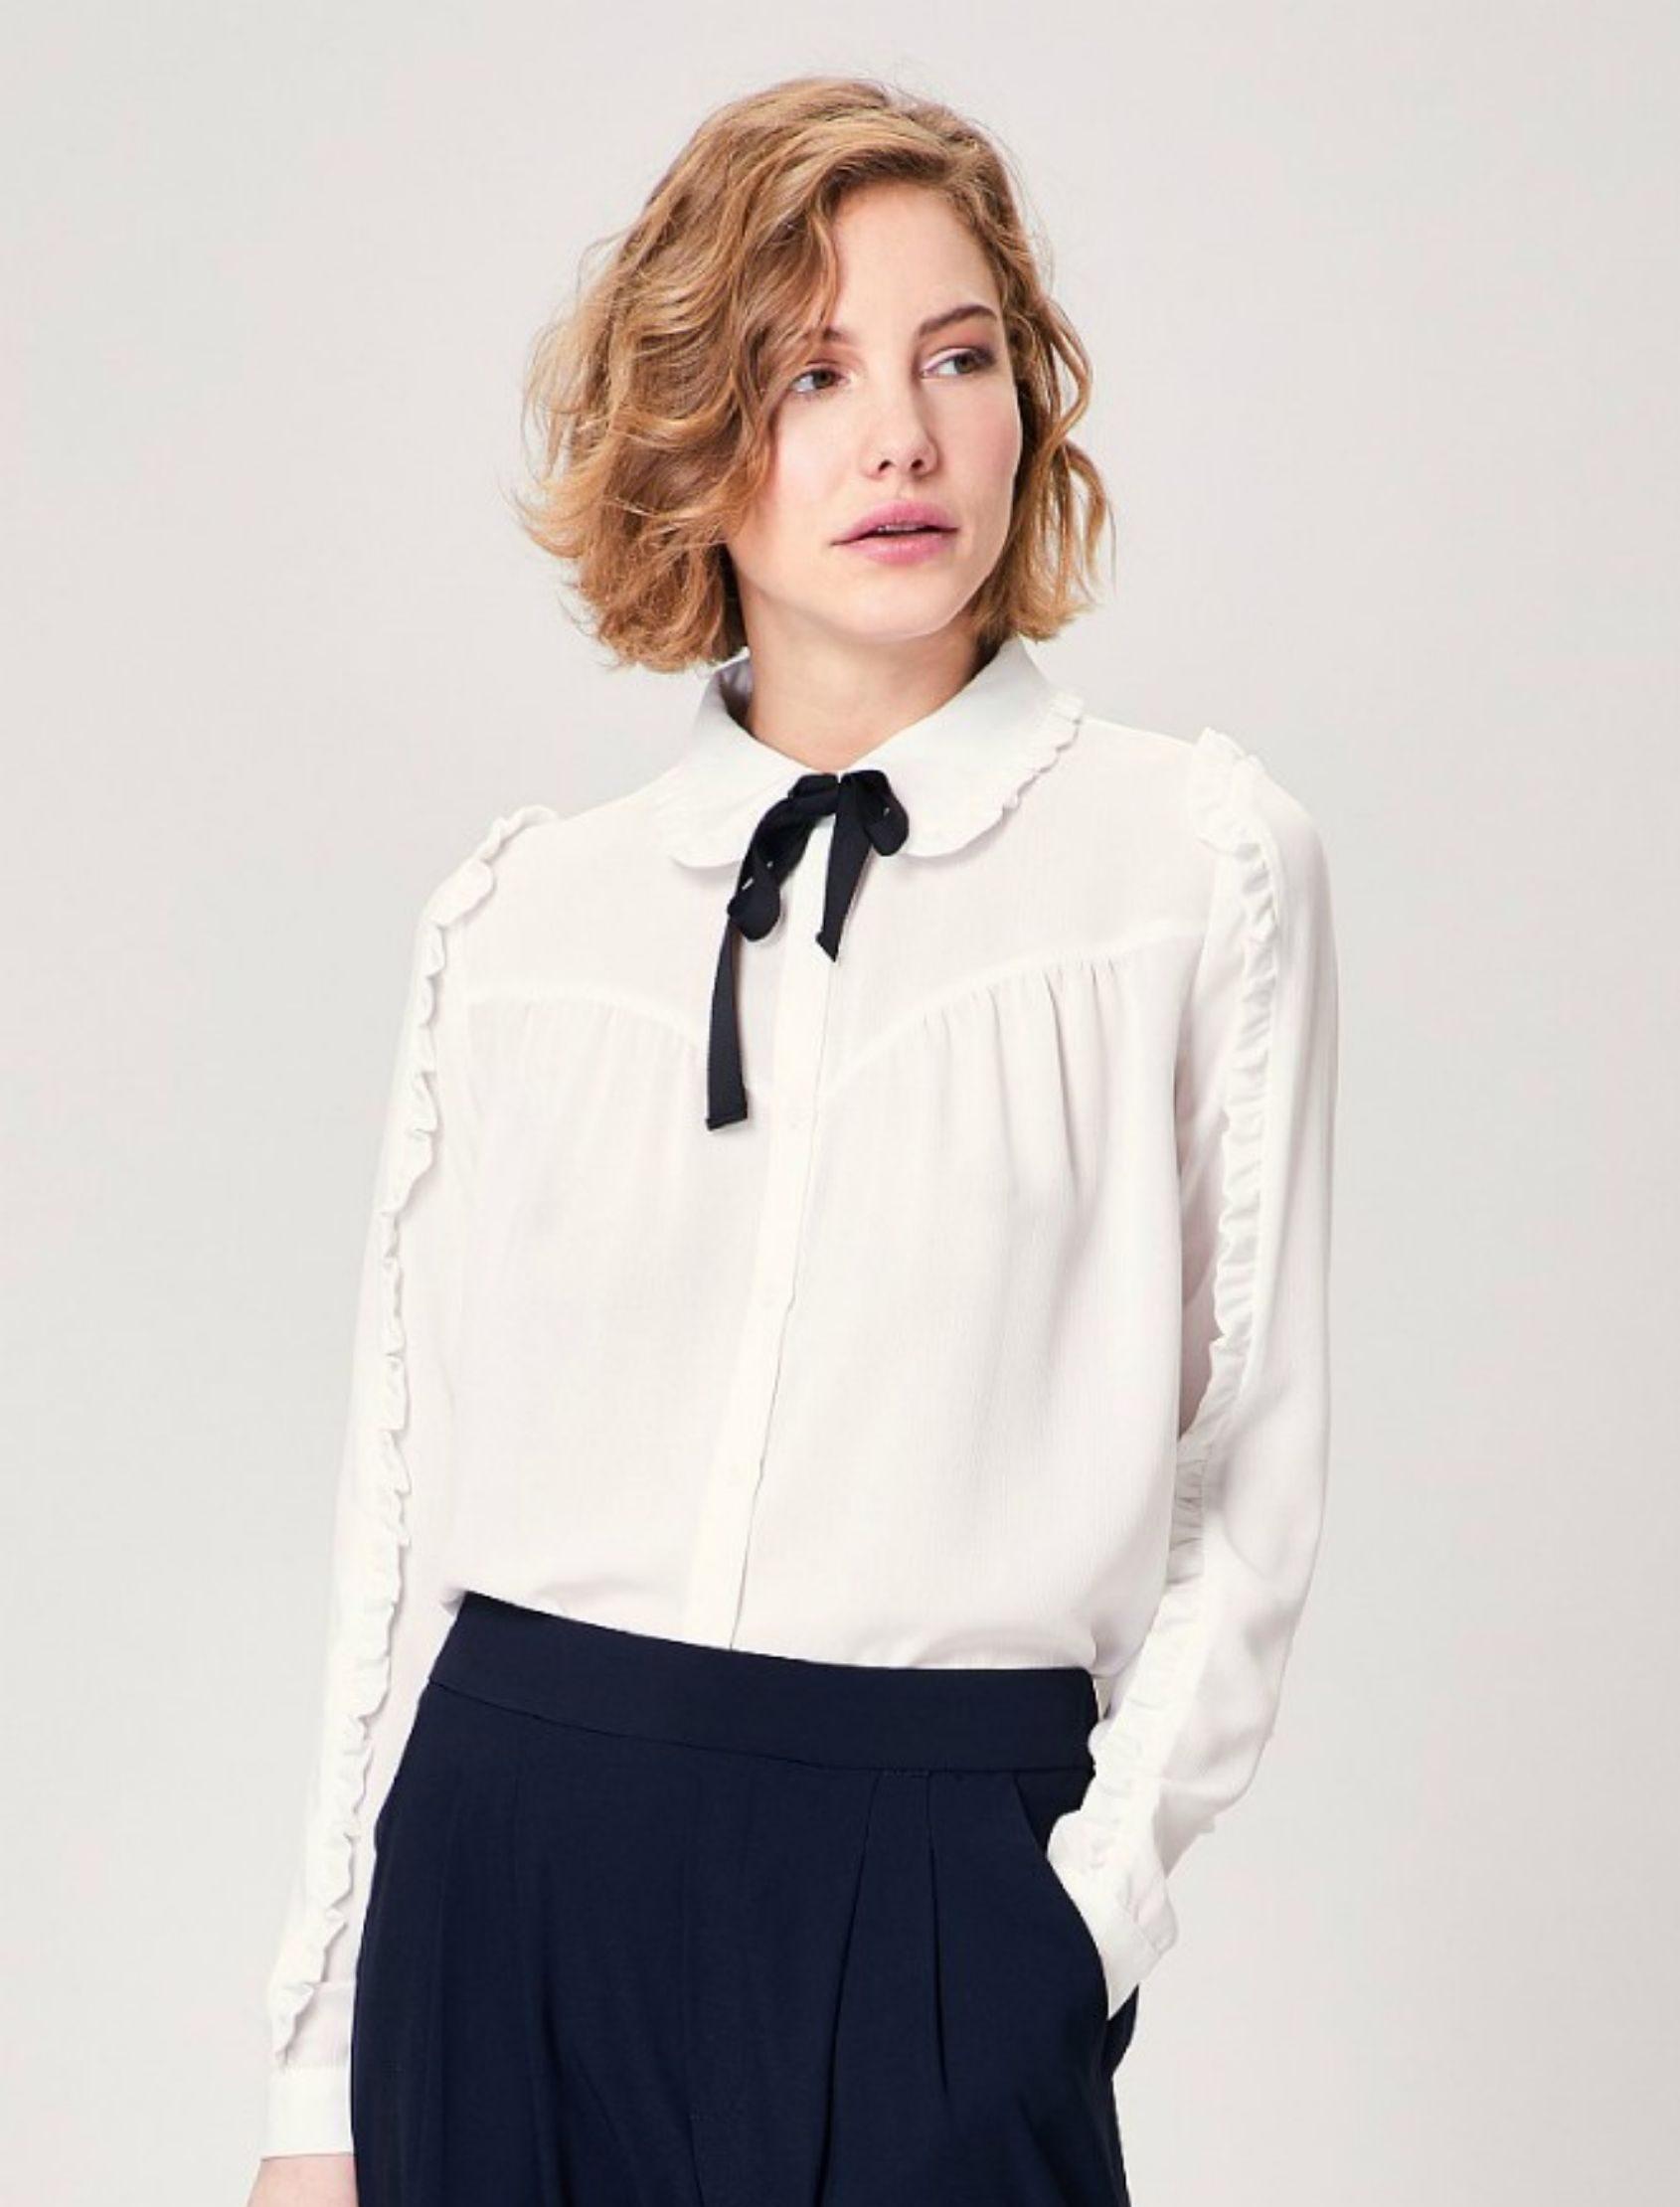 Camisa gilly de la marca angeleye en blanco con lazada negra en el cuello. Para mujer